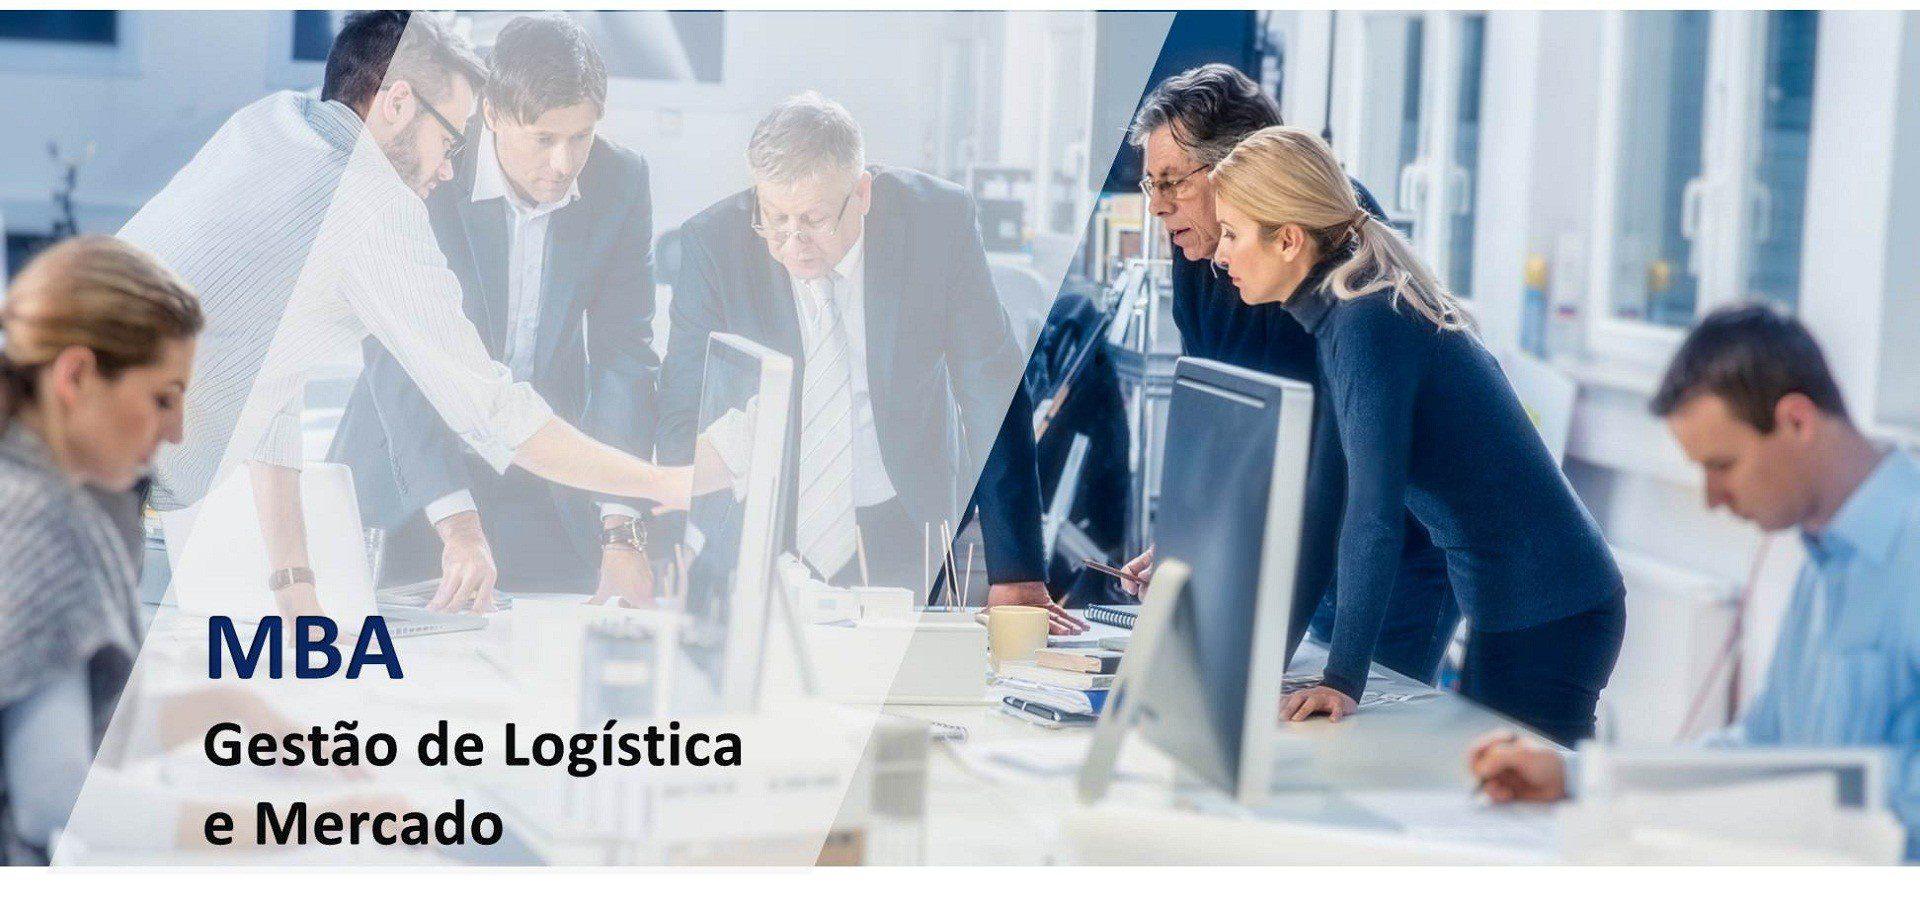 MBA – Gestão de Logística e Mercado